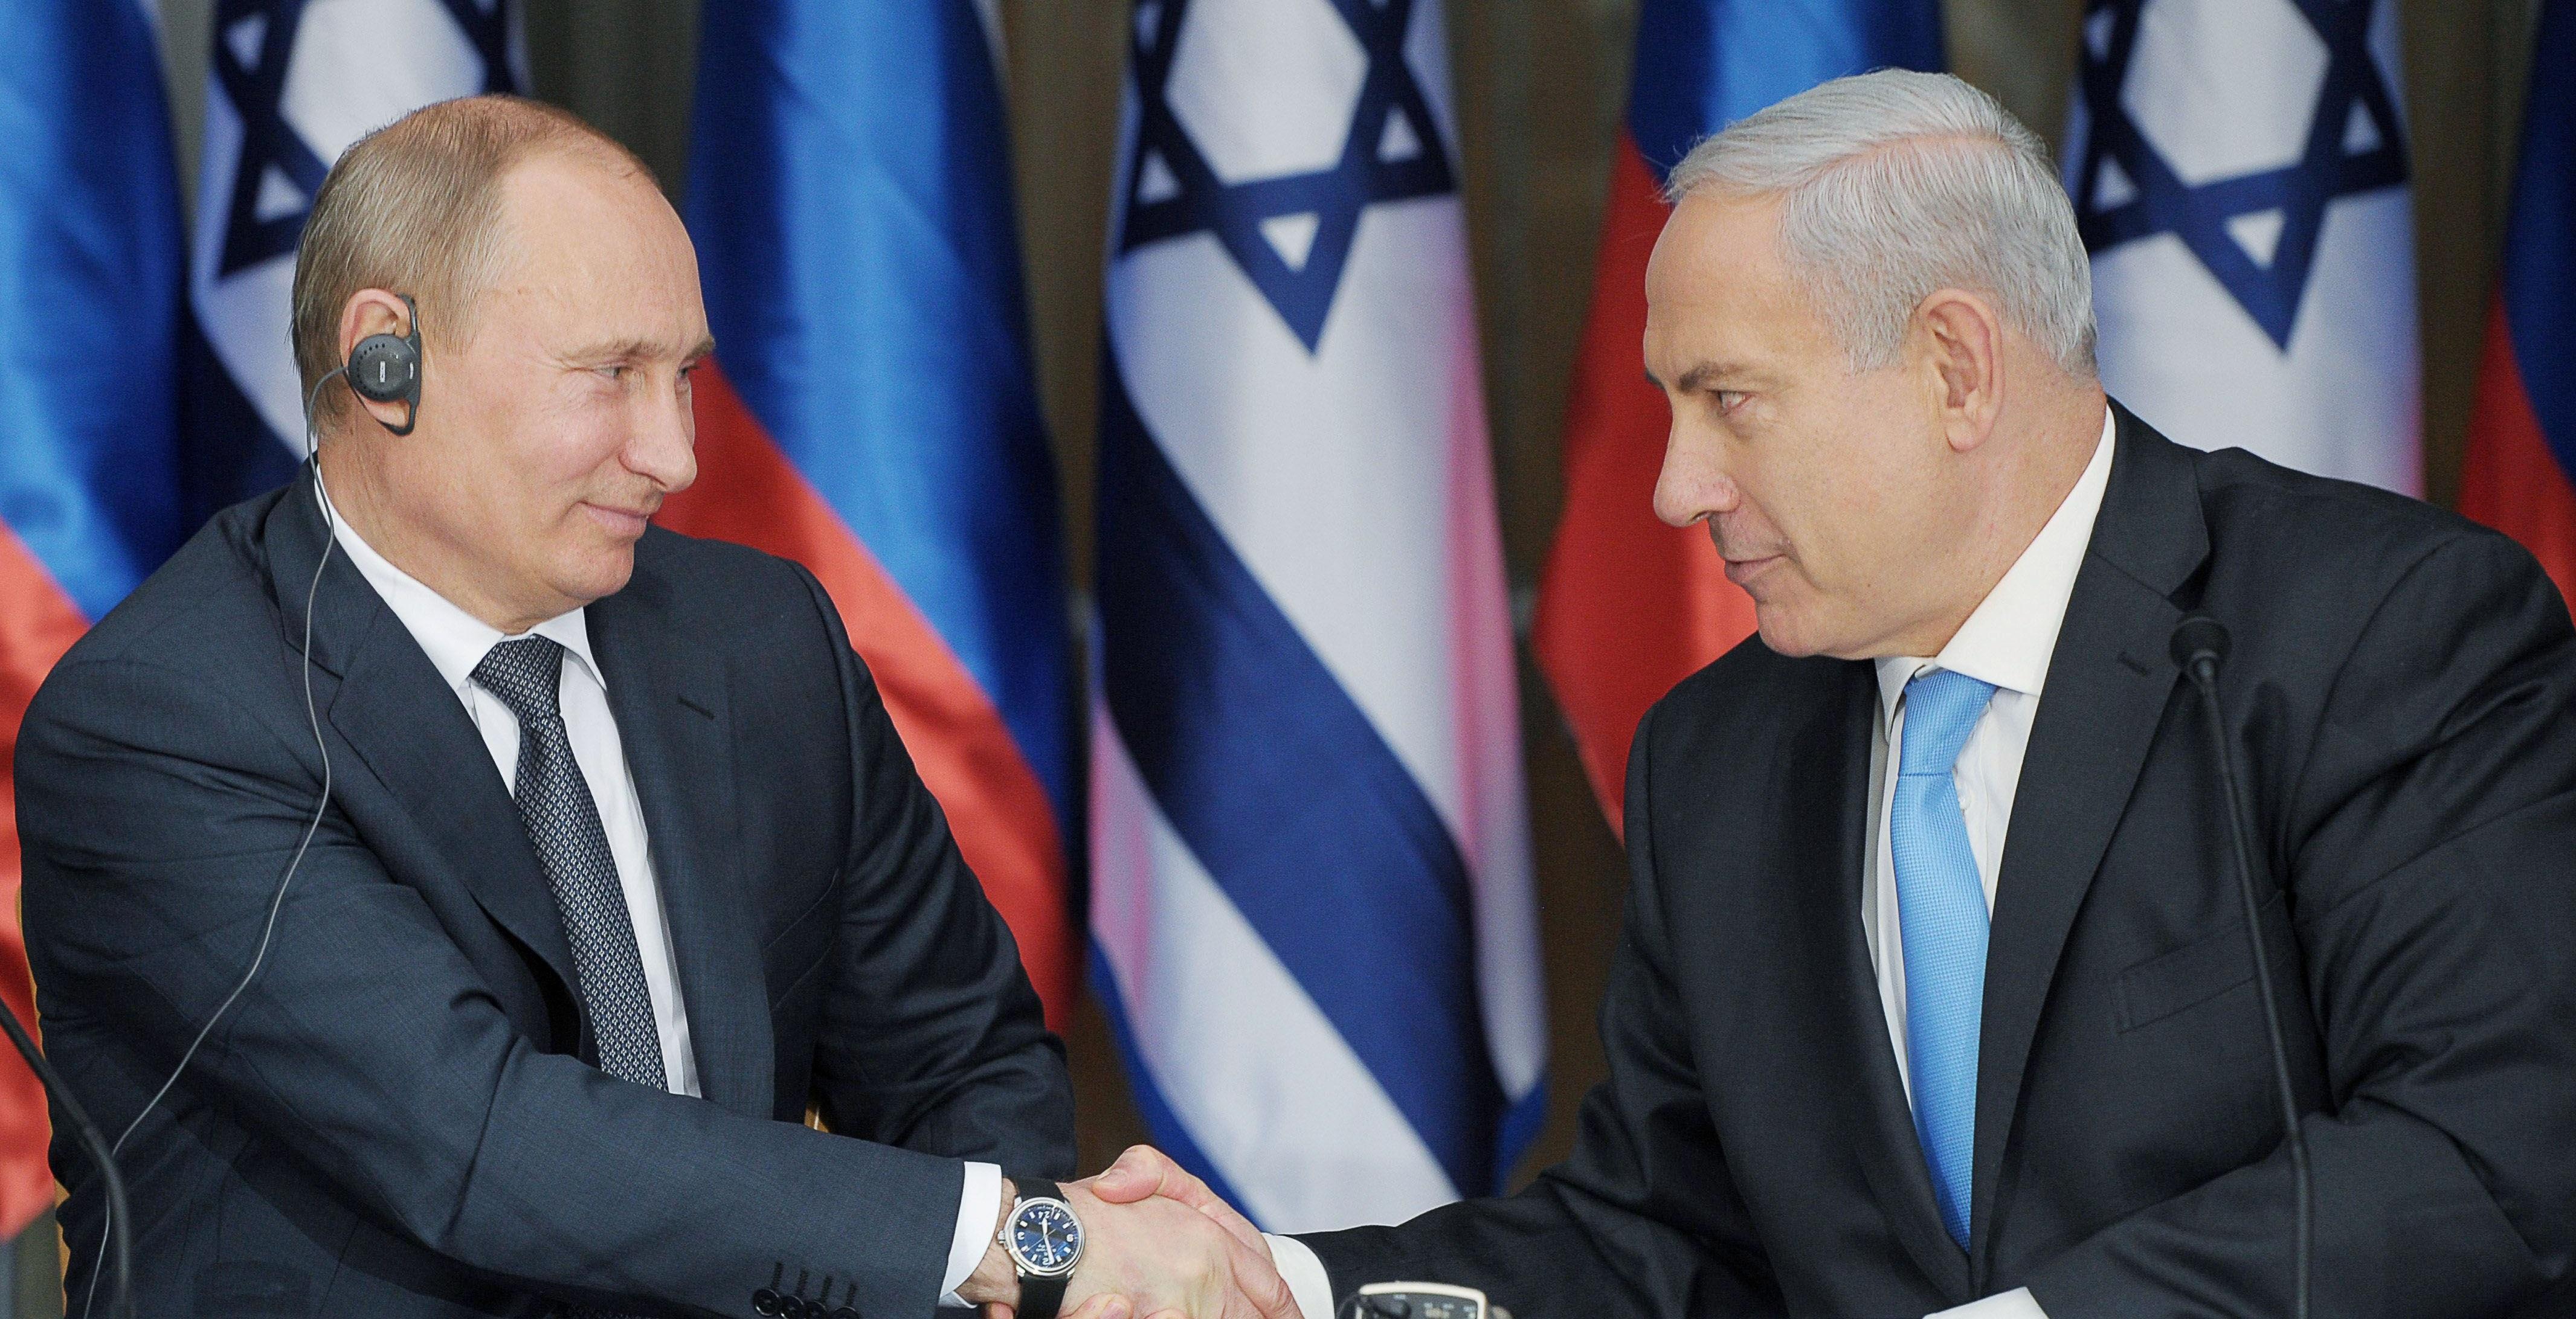 میدلایستآی: افزایش احتمال رویارویی ایران و اسرائیل/پوتین تهران را رها میکند؟